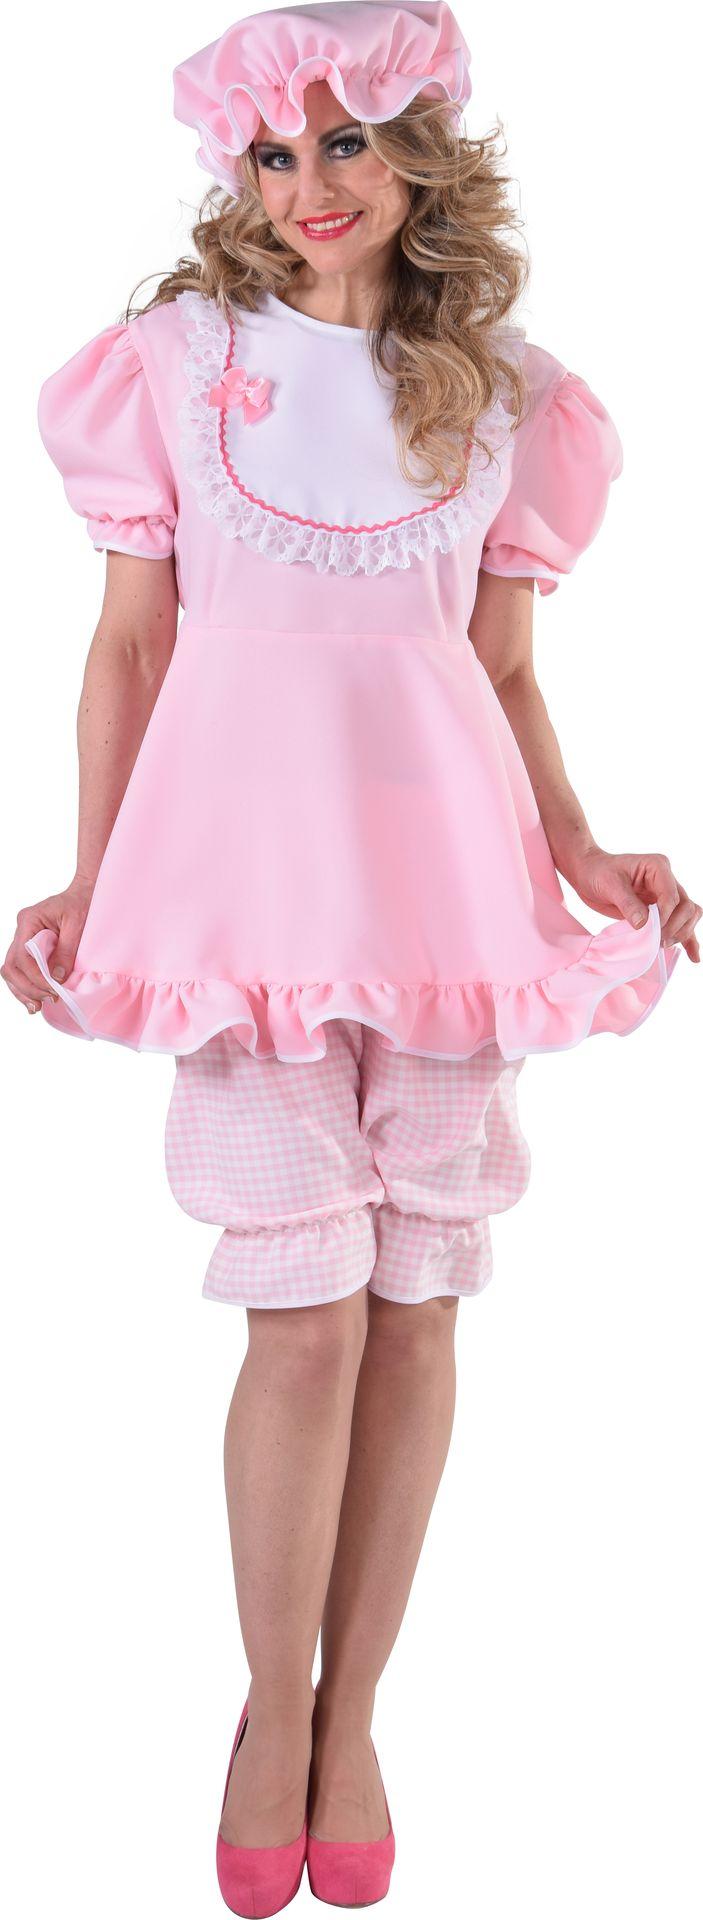 Roze baby kostuum